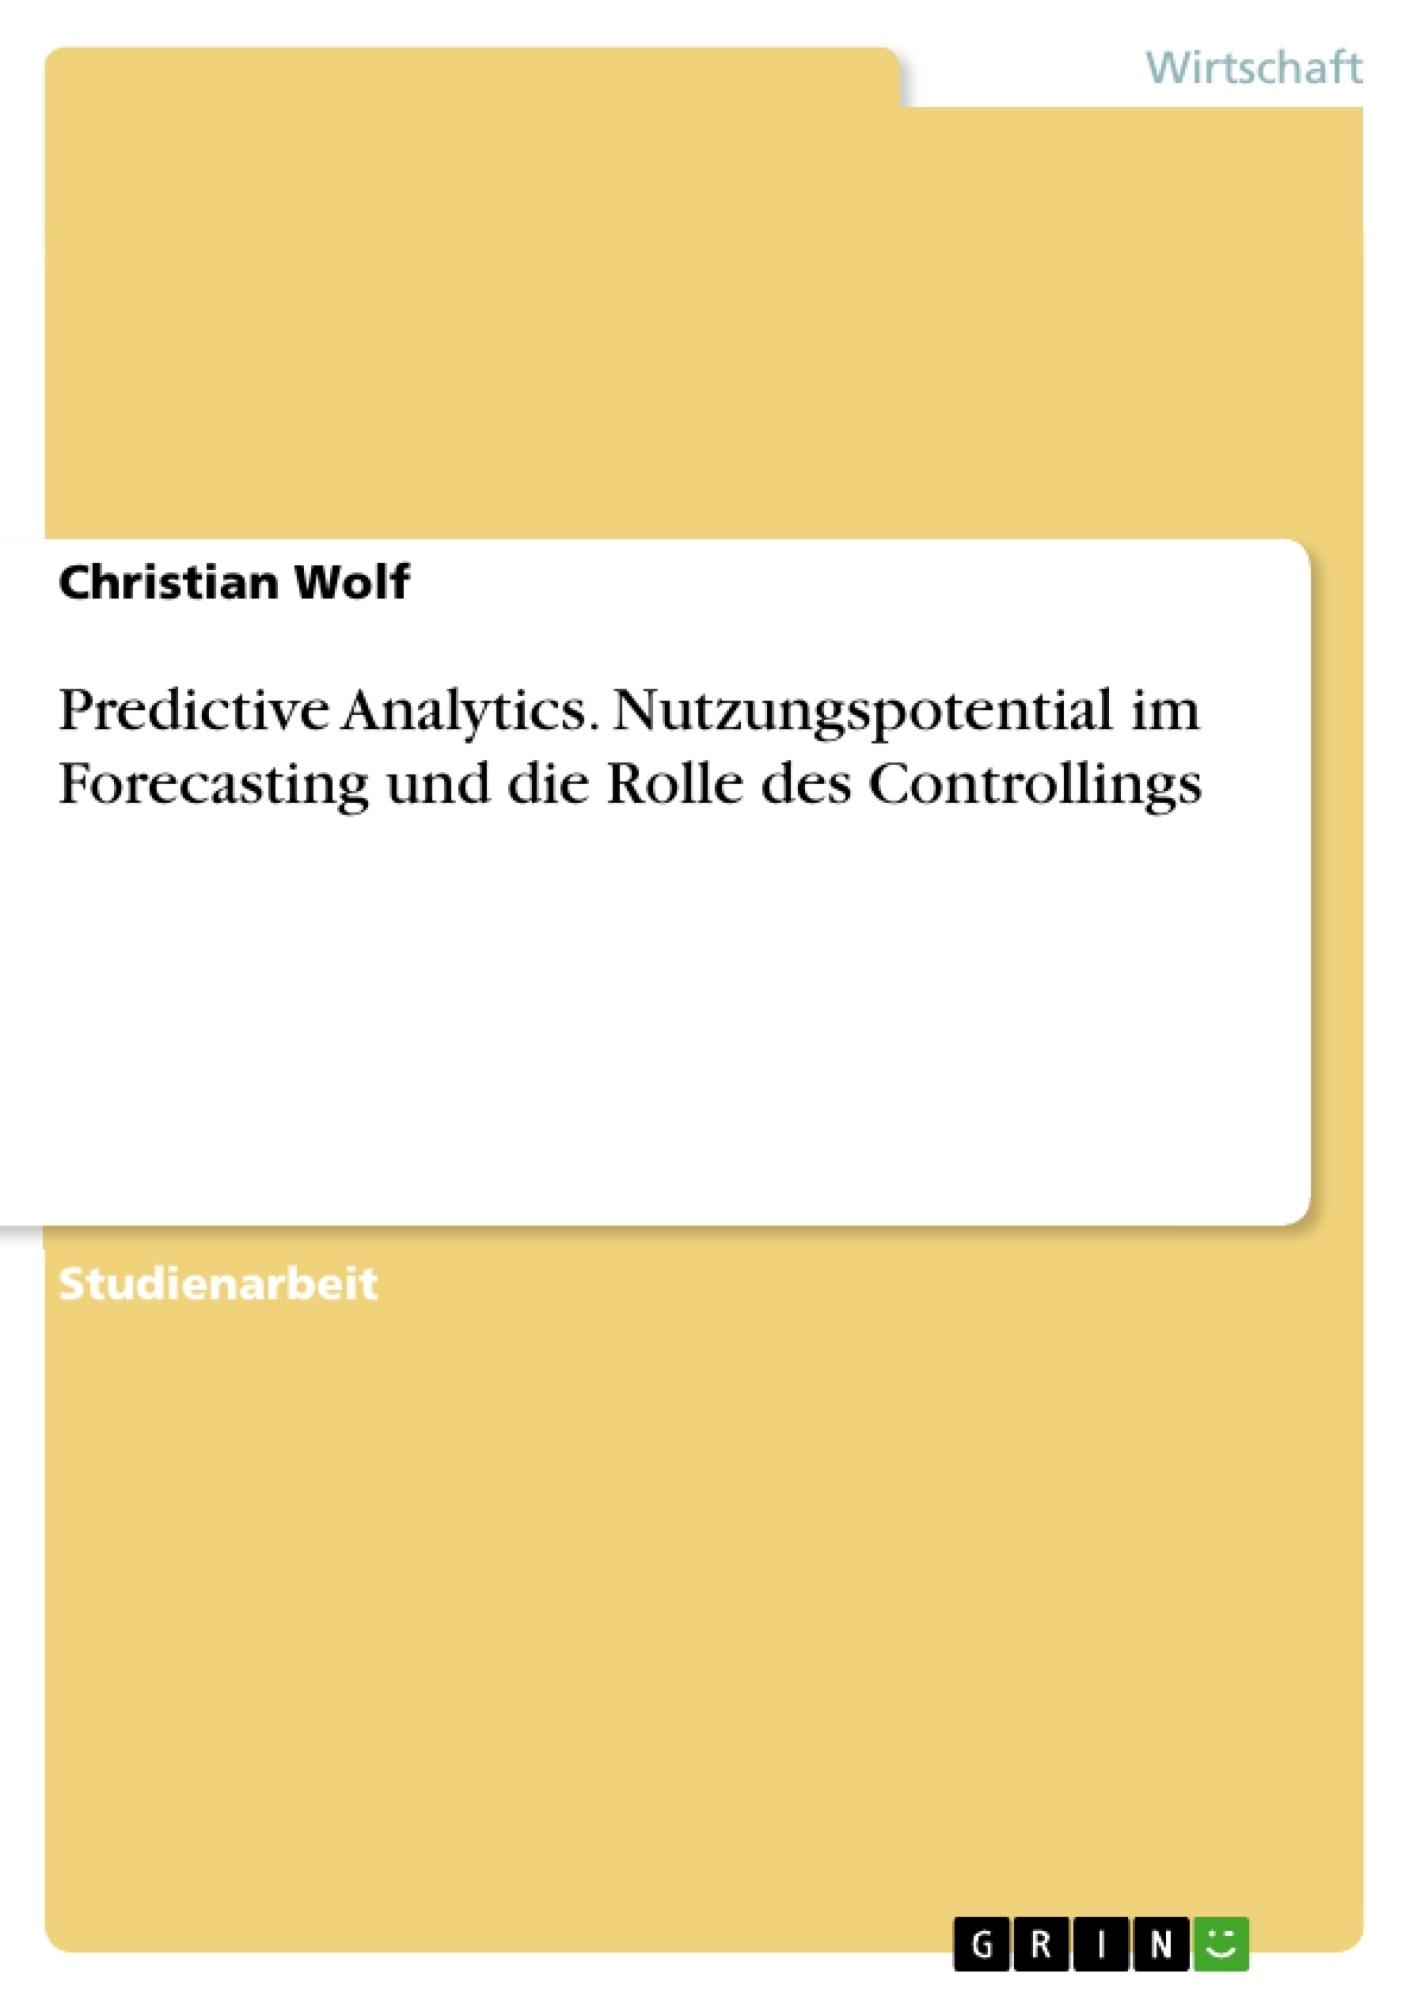 Titel: Predictive Analytics. Nutzungspotential im Forecasting und die Rolle des Controllings